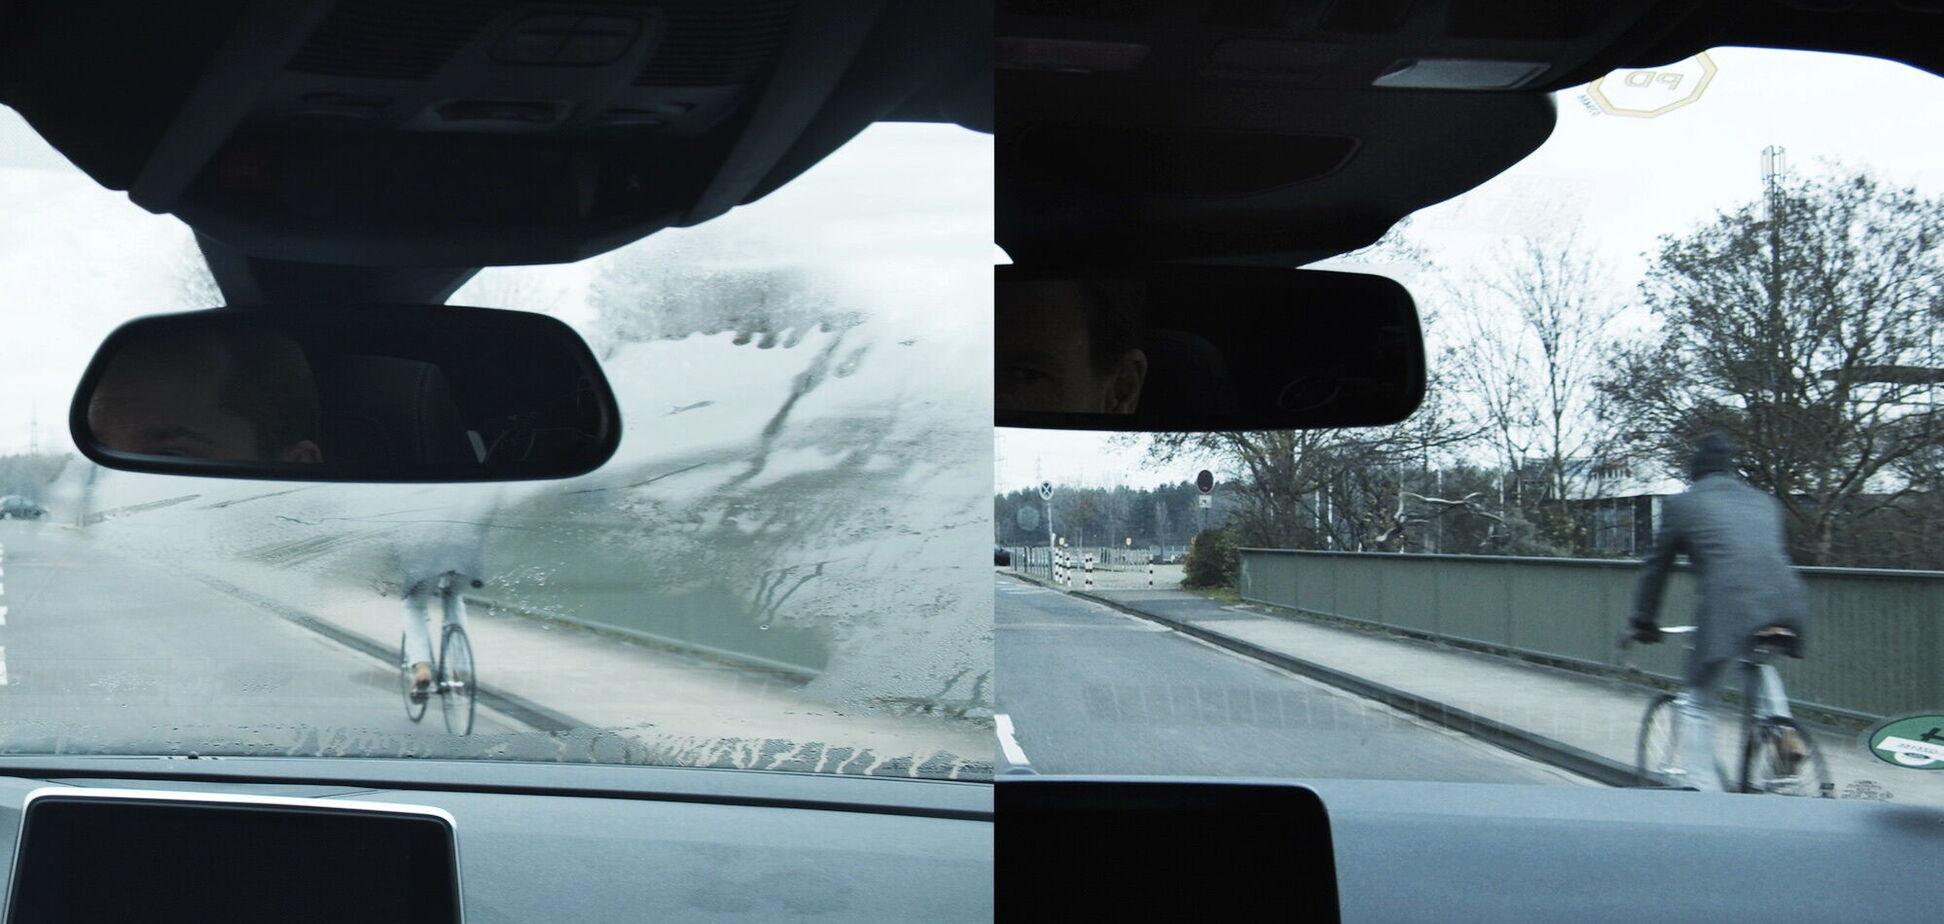 'Фордівська' система WWS запобігає запотіванню скла в авто